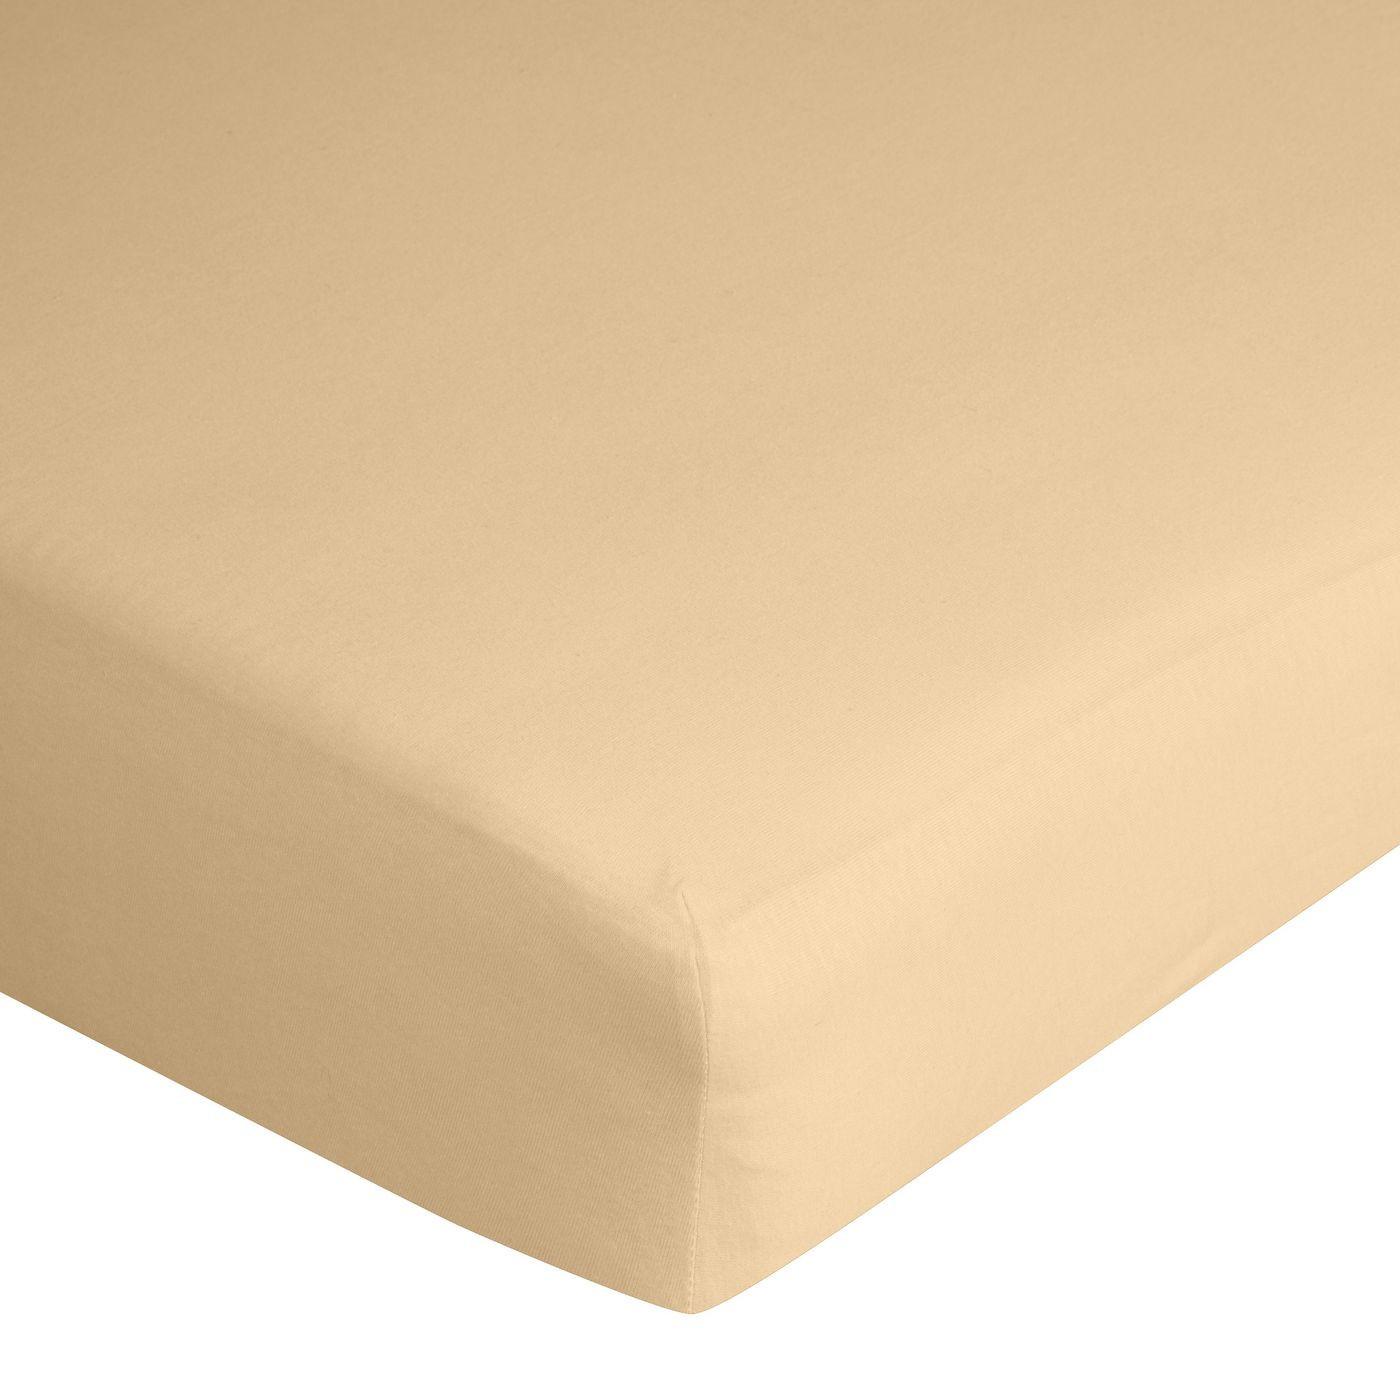 Prześcieradło bawełniane gładkie 180x200+25cm 140 kolor morelowy